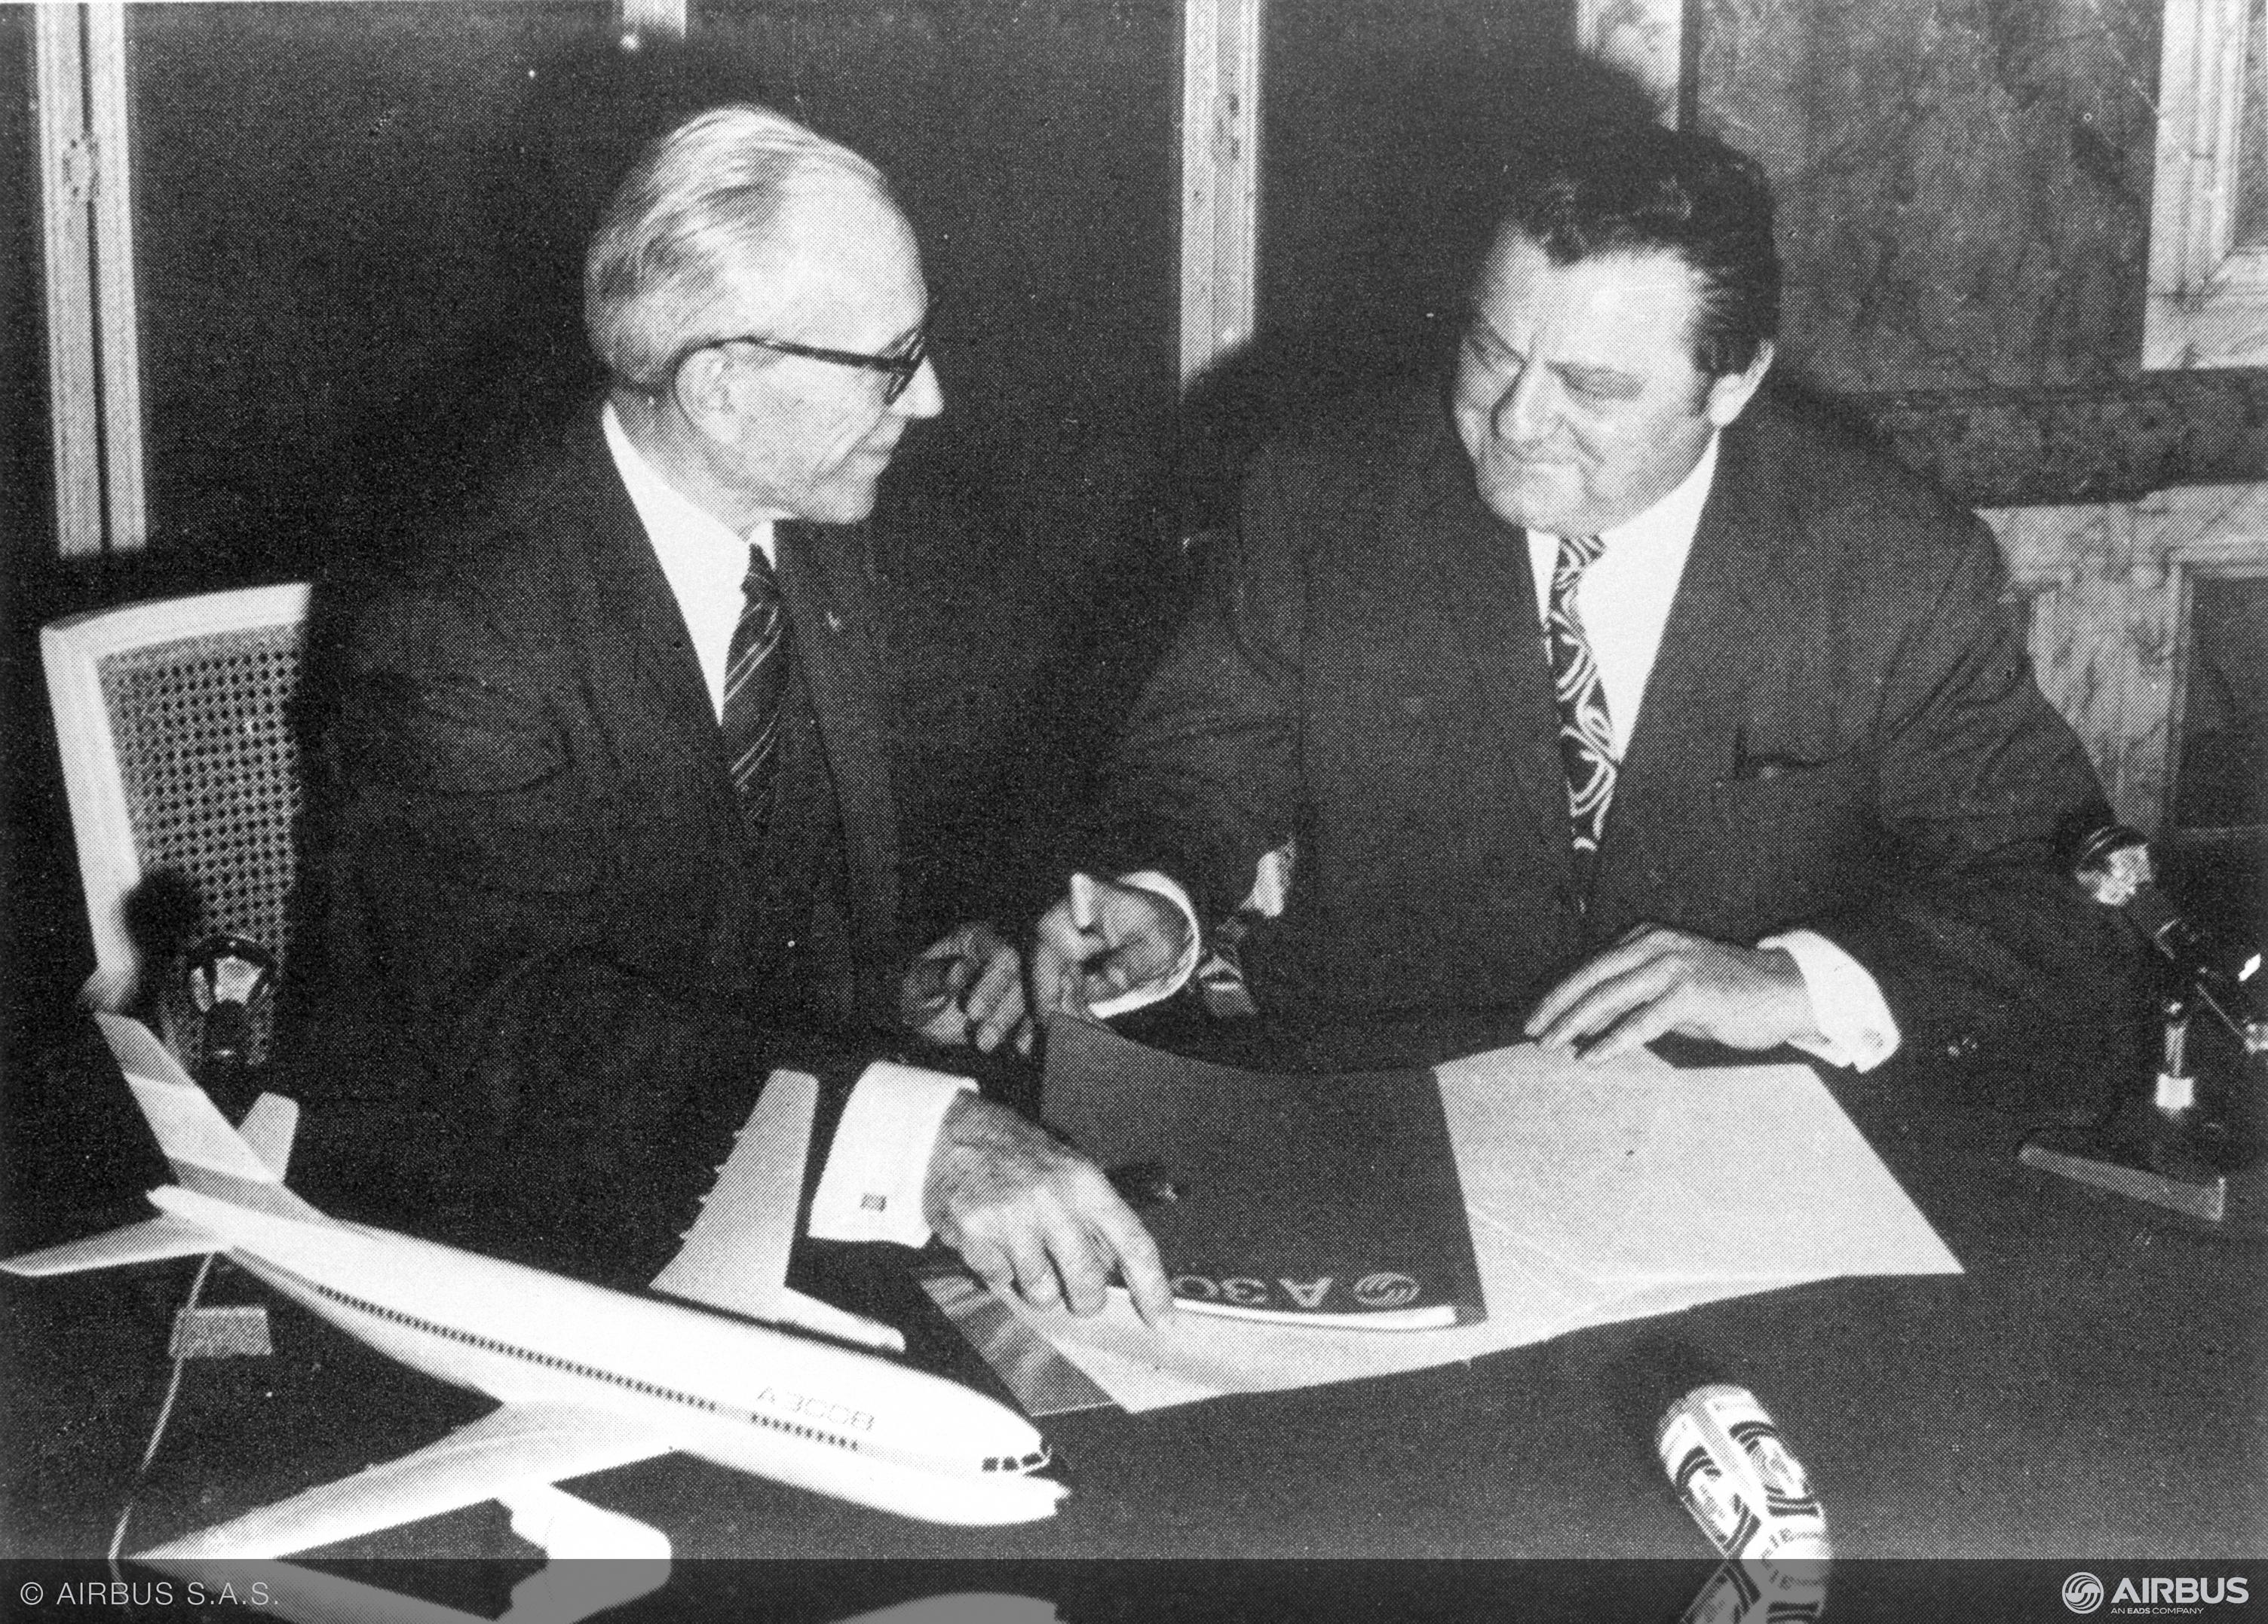 Od dvou podpisů, které daly vzniknout Airbusu, uběhlo 50 let